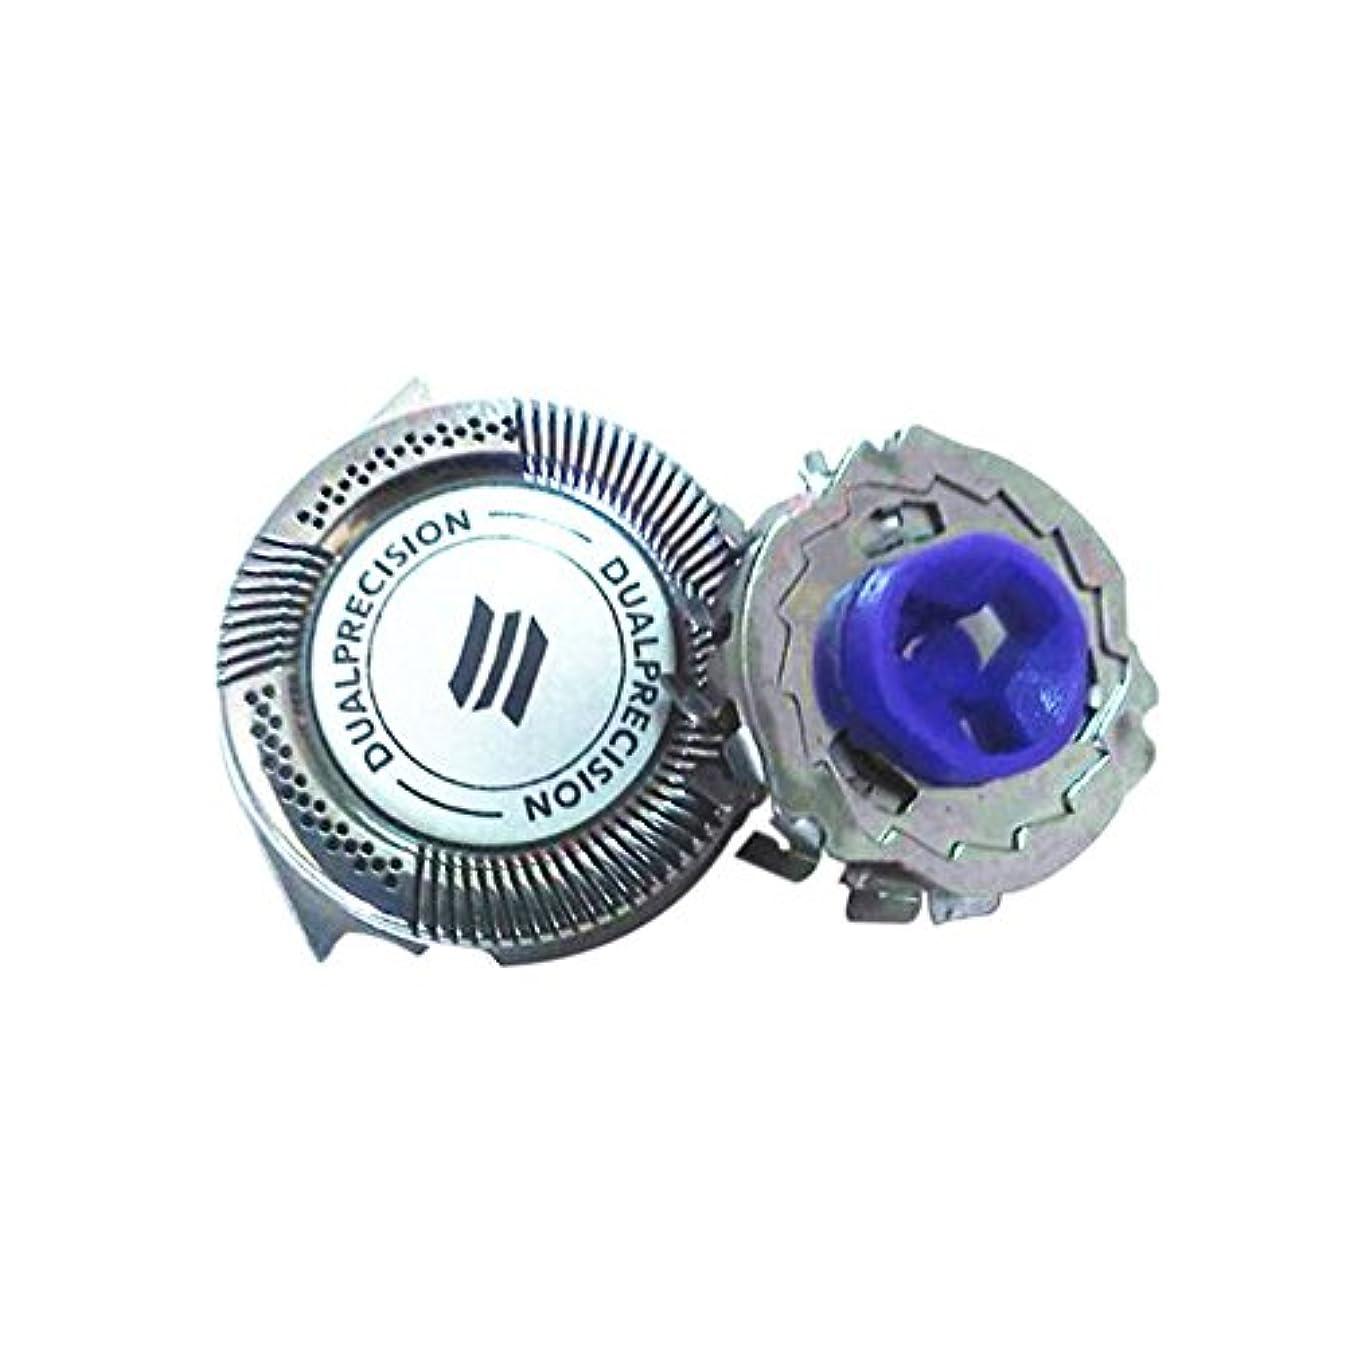 間違っている割る可動式HZjundasi Replacement シェーバー Razor Head for Philip PT725 7325XL AT750 HQ6070